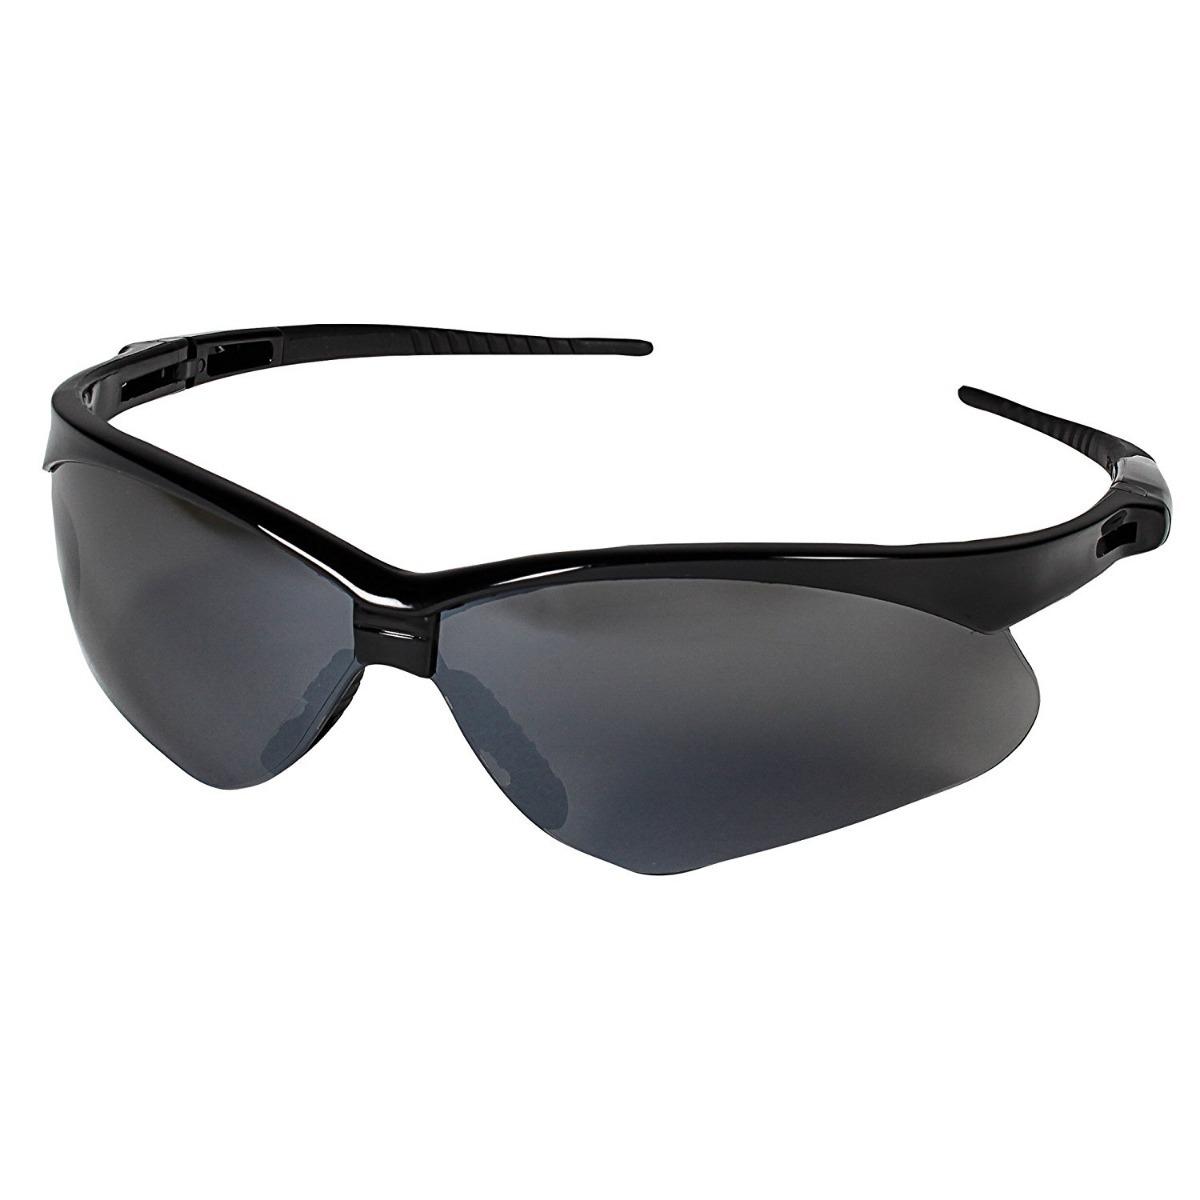 cdf6593a4f51d oculos nemesis jackson armacao preta lente fume uv epi ca un. Carregando  zoom.